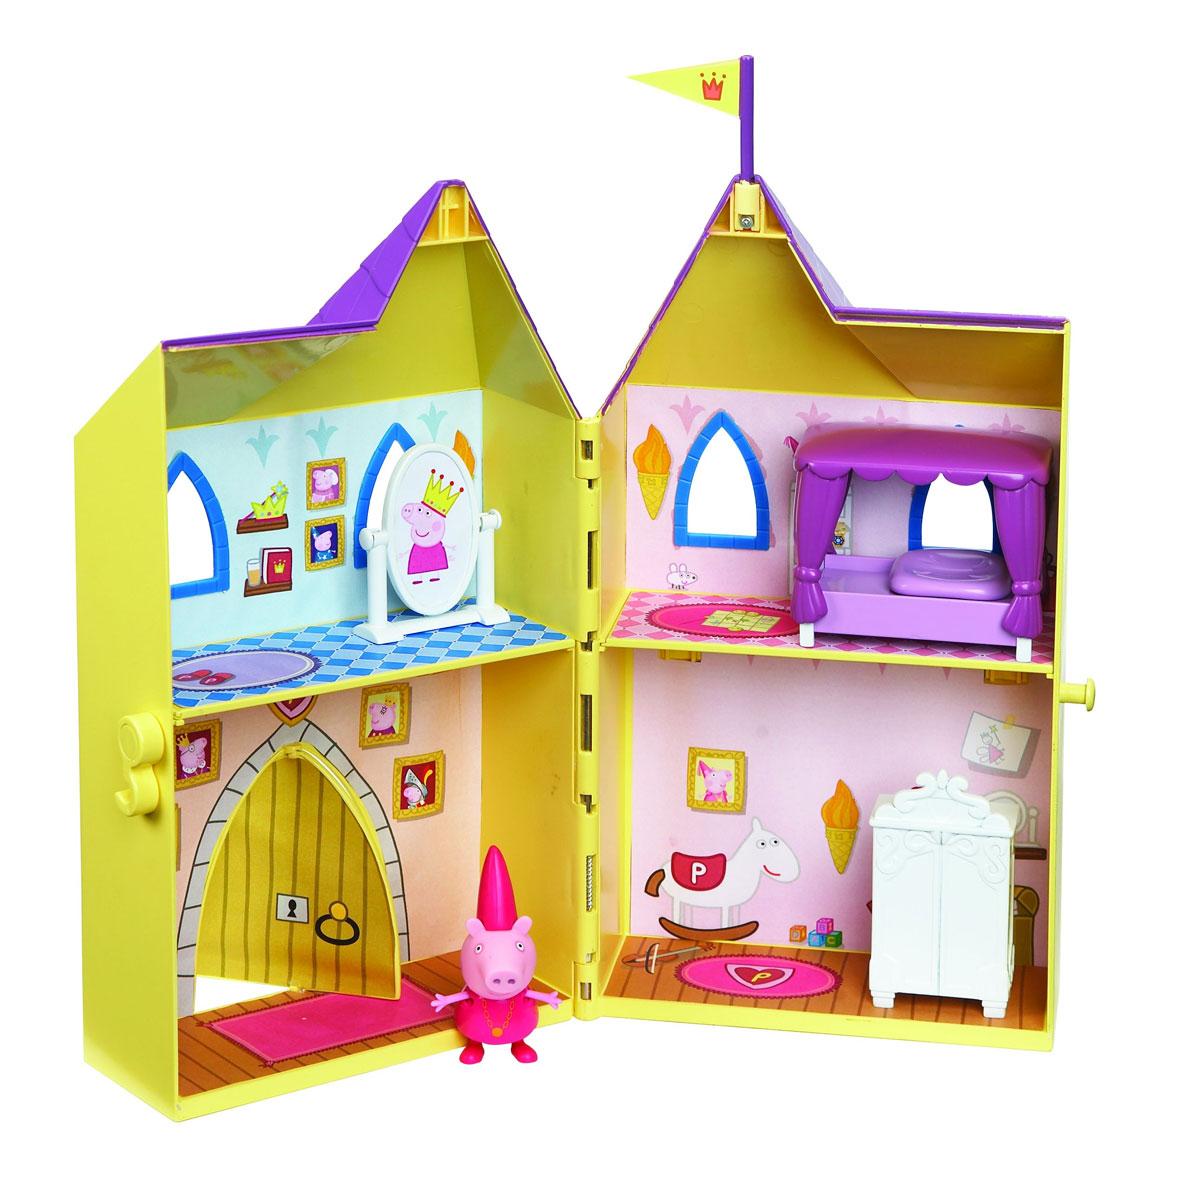 Peppa Pig Игровой набор Замок принцессы15562Игровой набор Peppa Pig Замок принцессы непременно приведет в восторг вашу малышку! Любая девочка мечтает однажды проснуться принцессой и поэтому с радостью играет в игры от лица царственных особ. А знаменитая и любимая детьми свинка Пеппа и ее прекрасный замок - это как раз то, что нужно, чтобы как можно лучше почувствовать себя настоящей дочерью короля! Роскошные апартаменты, состоящие из четырех комнат, прекрасная кукольная мебель, окна и двери, сделанные под старину, а сверху башенка с королевским флагом. Игрушка изготовлена из качественной пластмассы и абсолютно безвредна, поэтому вы можете не беспокоиться о здоровье ребенка. В наборе Замок принцессы двухэтажный домик в виде сказочного, фигурка Пеппы-принцессы с двигающимися ручками и ножками, мебель и аксессуары для оформления внутреннего пространства замка (шкаф, кровать, игрушечное зеркало). Домик разделен на 4 игровые зоны (спальня, гардеробная, игровая комната, парадная с вращающейся дверью). Товар...